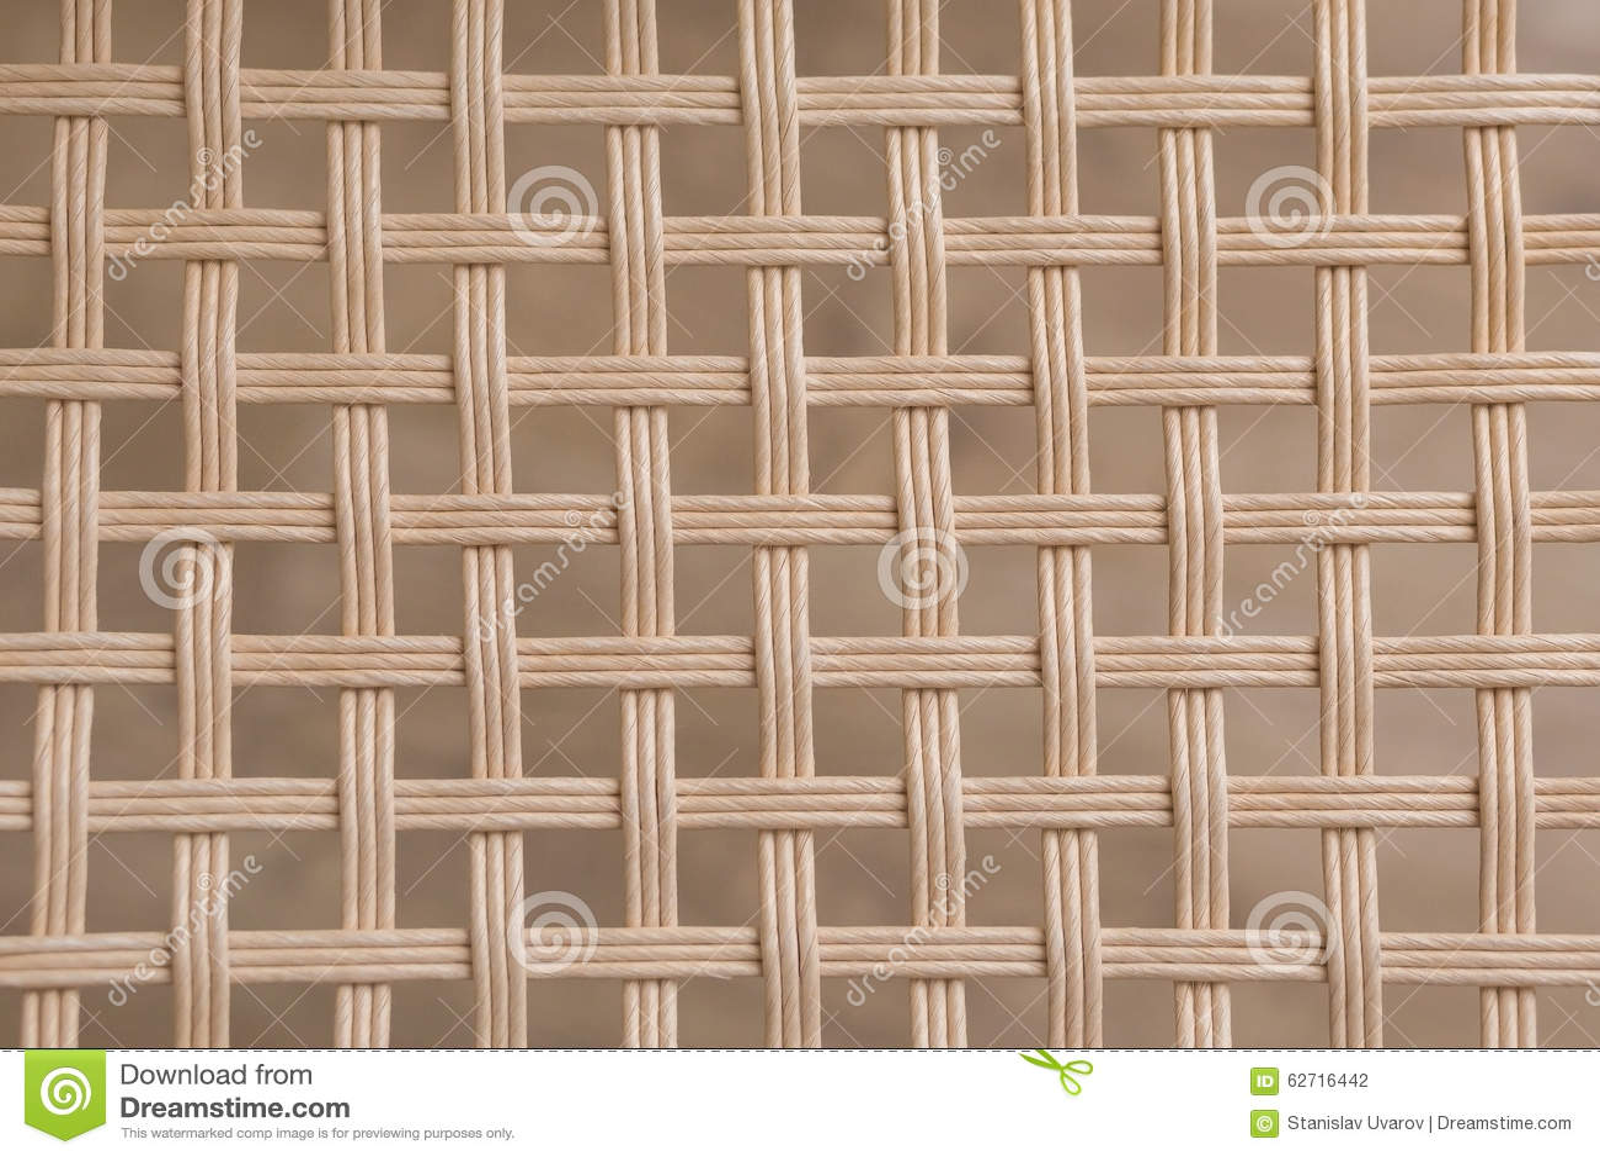 Υφαμένη μπαμπού ψάθινη τετραγωνική σύσταση σχεδίων